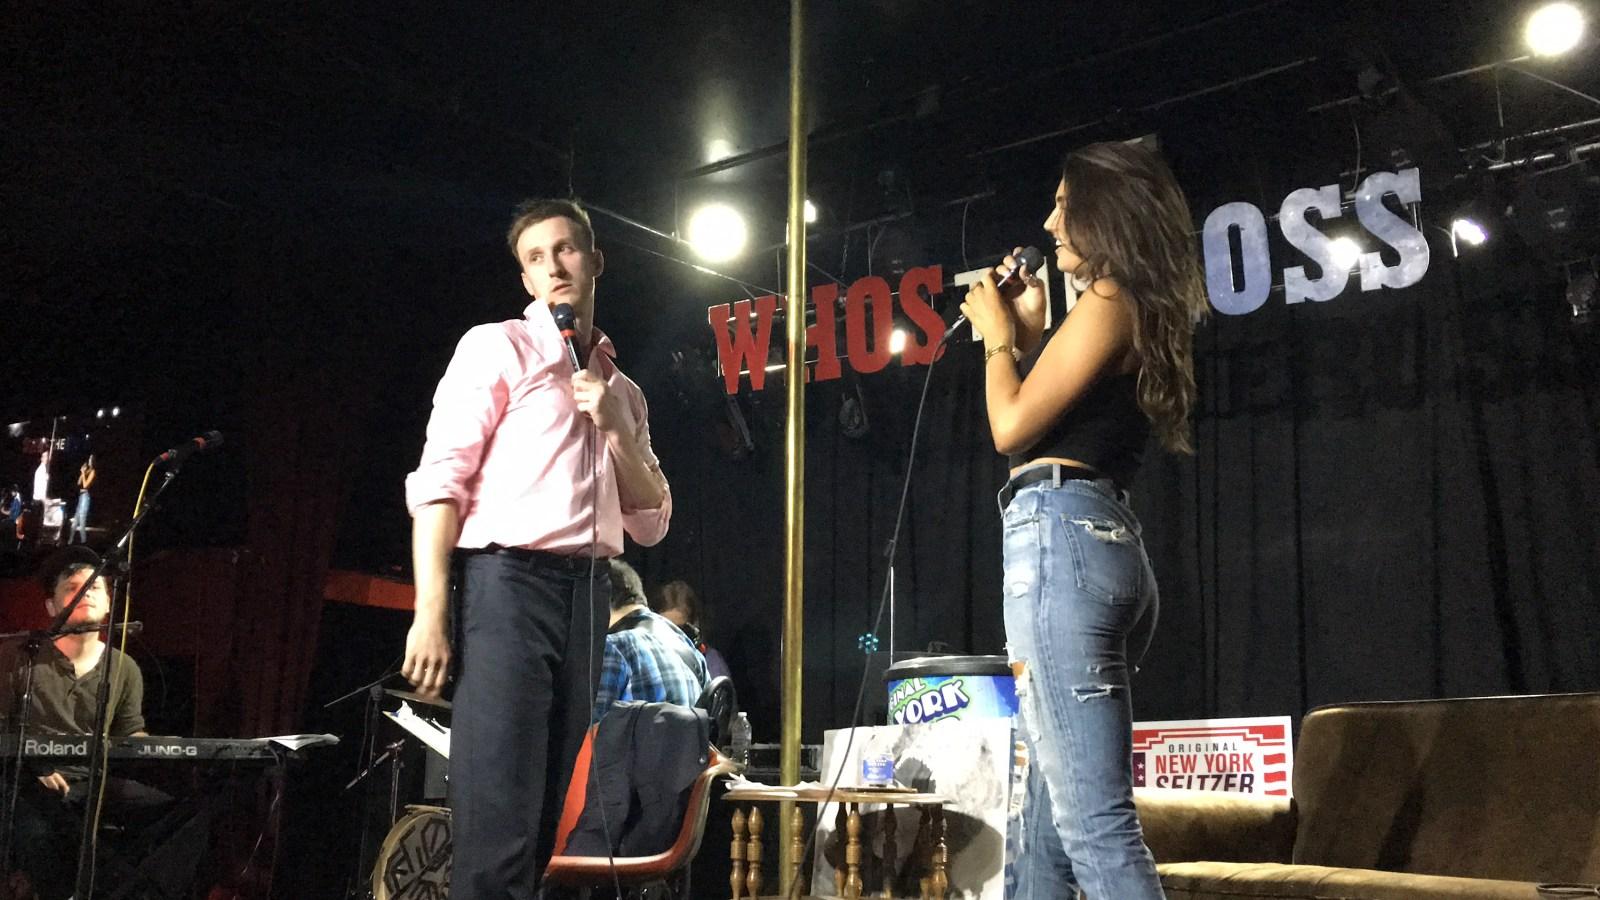 hailee lautenbach model modeling comedian comedy Aaron Ross who's the ross? dante's live Portland PDX